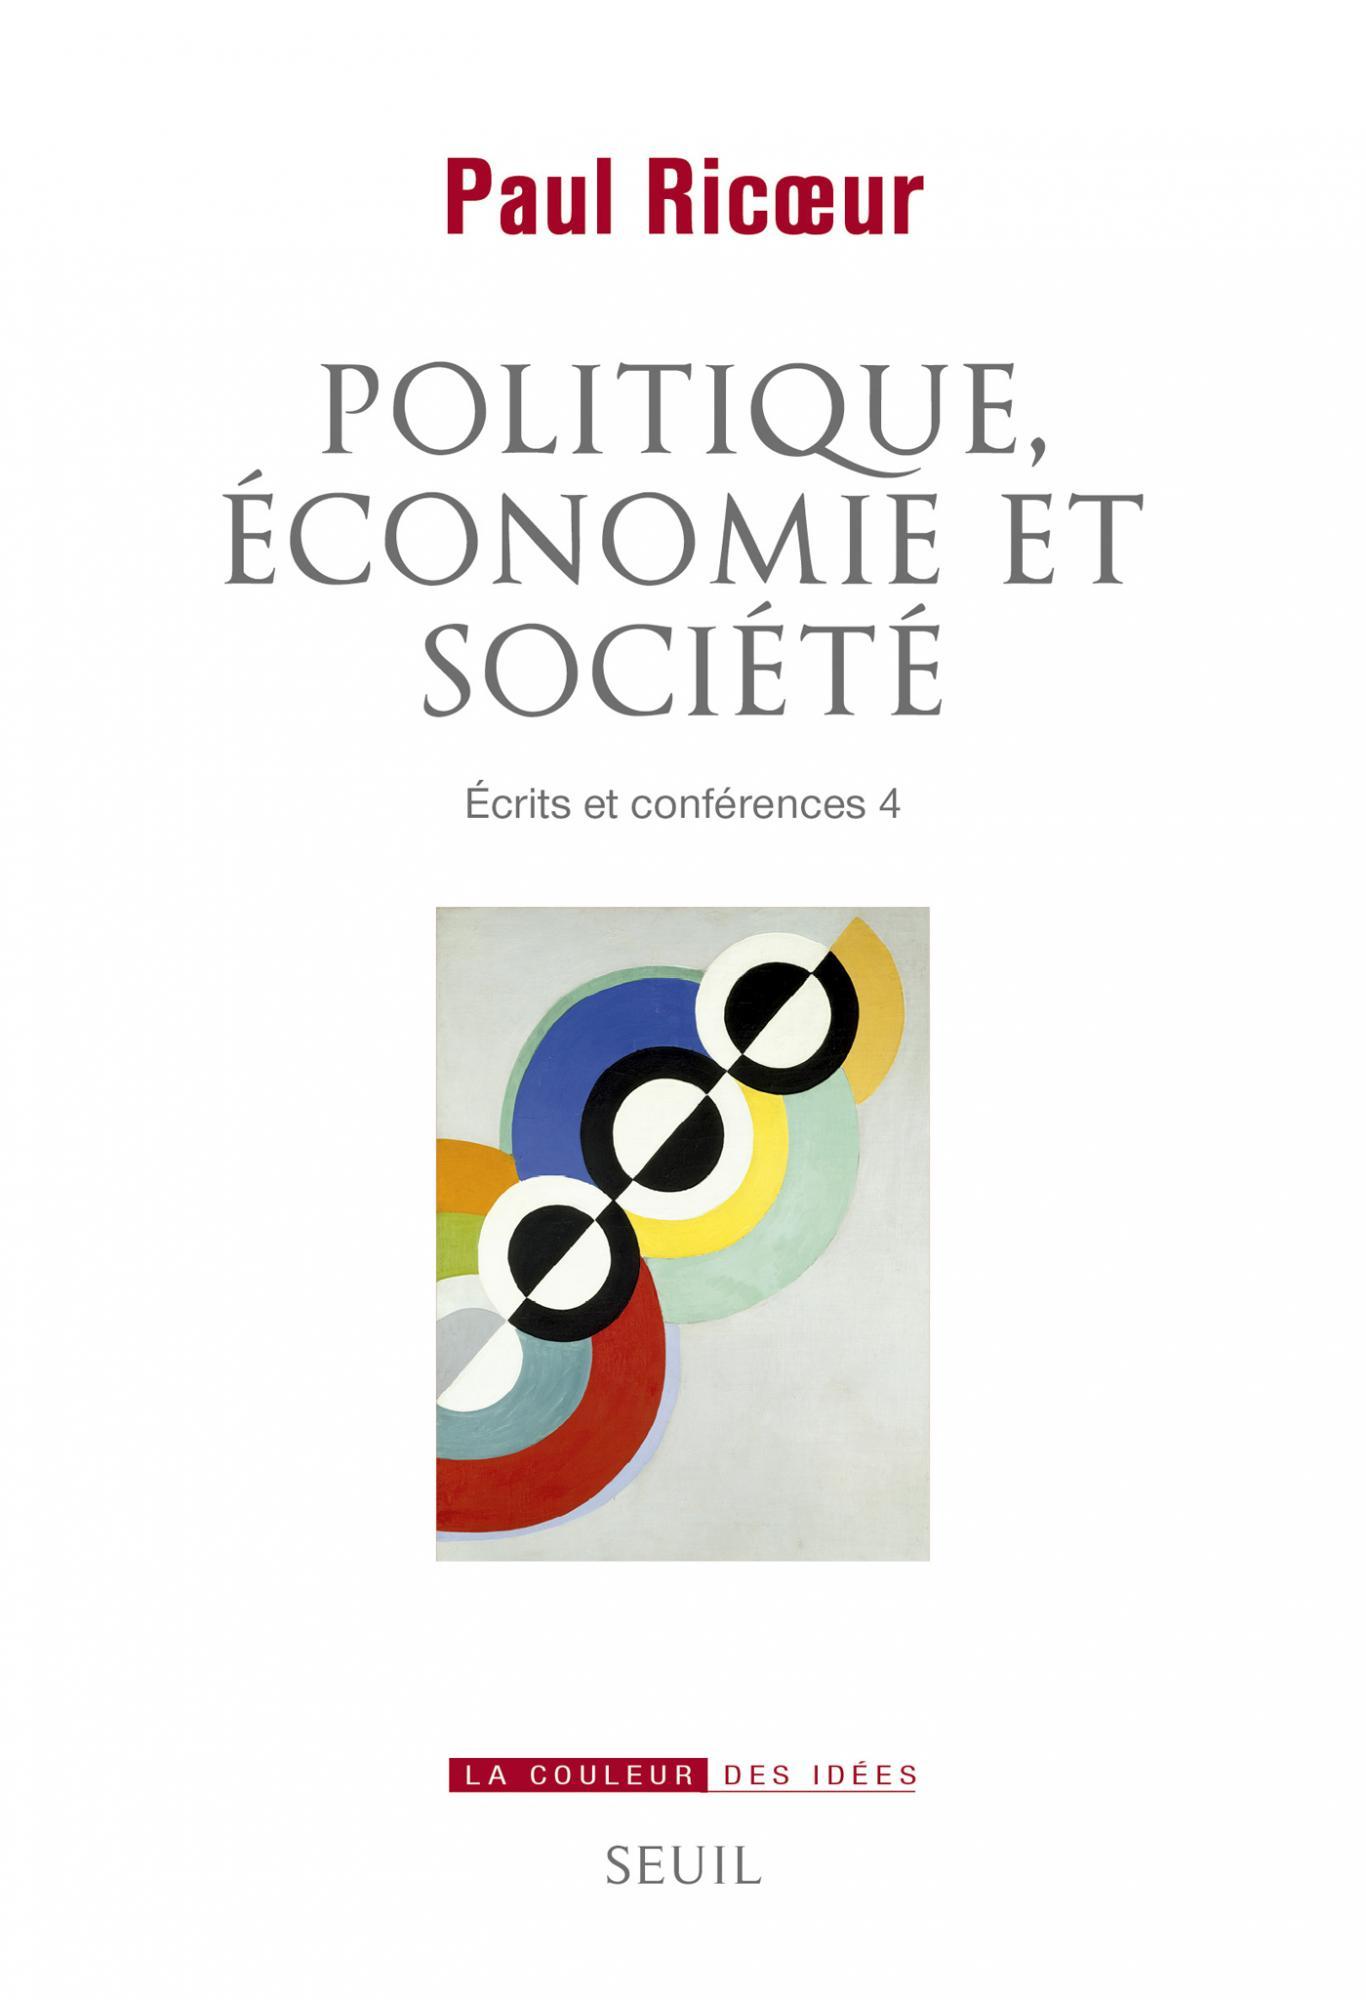 P. Ricœur, Politique, économie et société. Écrits et conférences, vol. 4